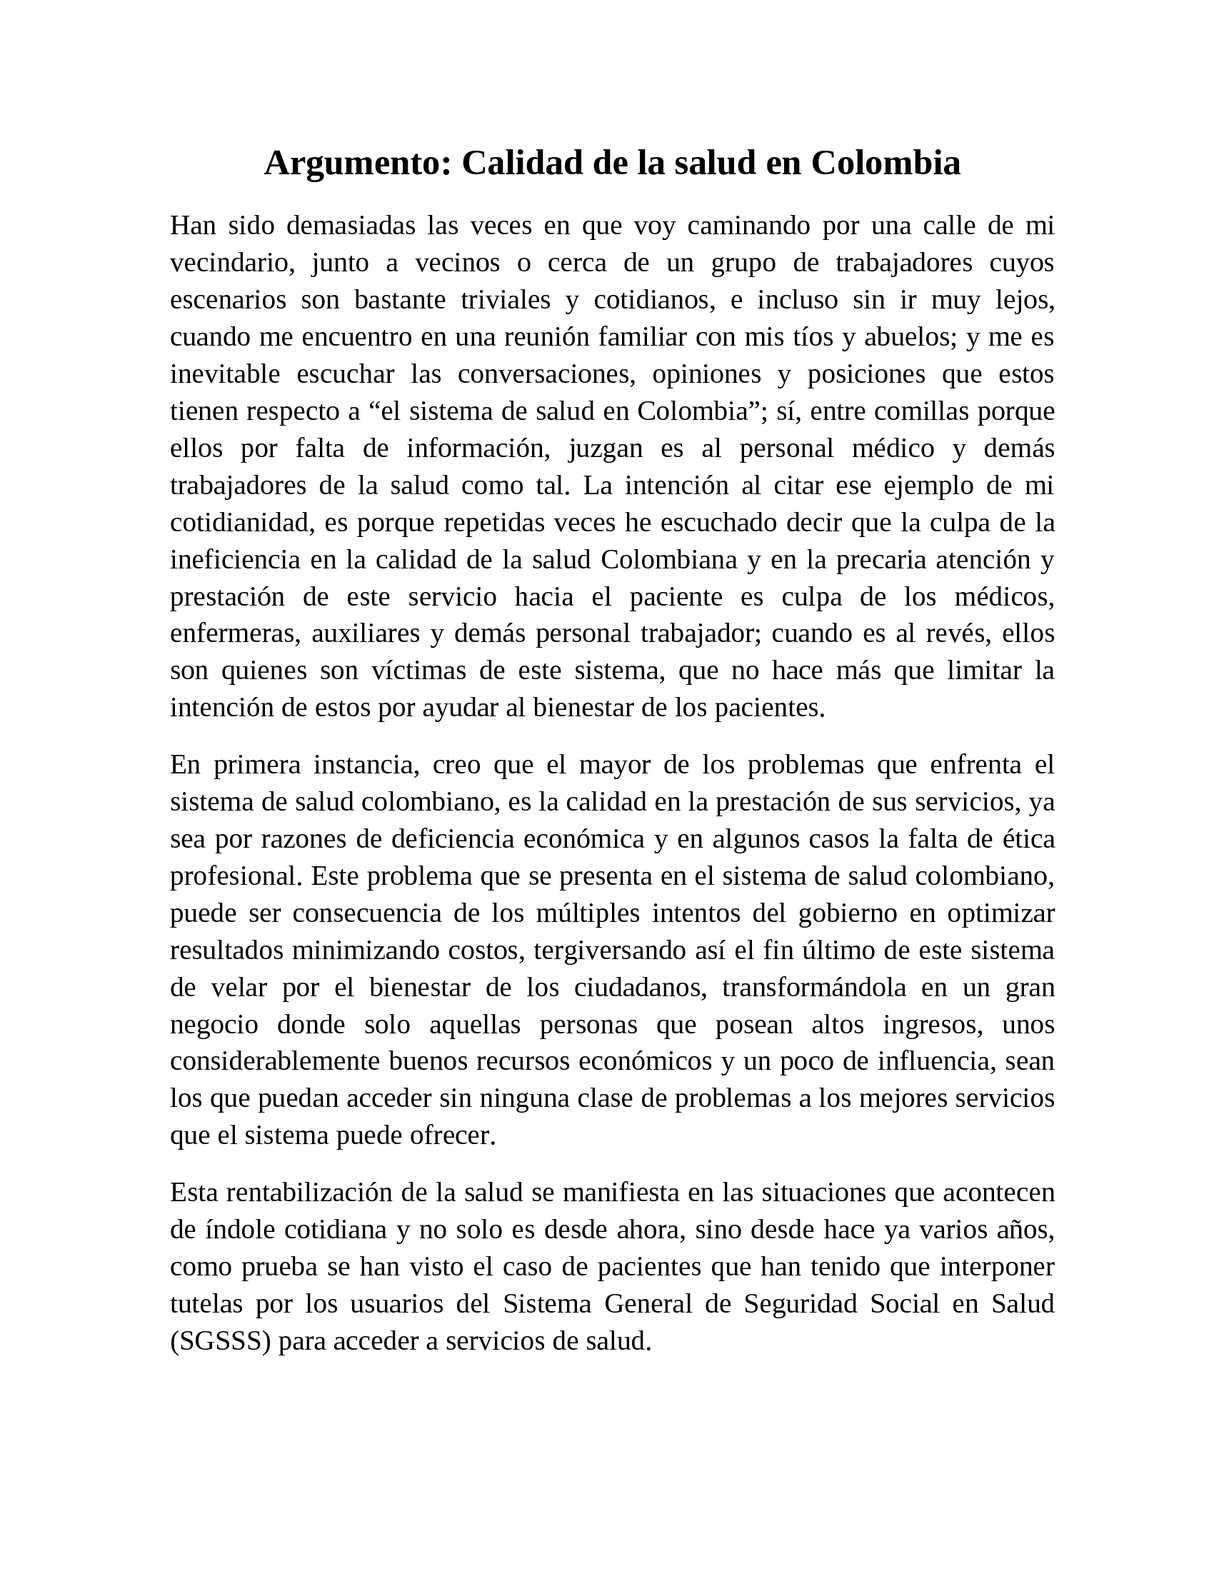 Calaméo - Ensayo sobre la calidad de la salud en Colombia